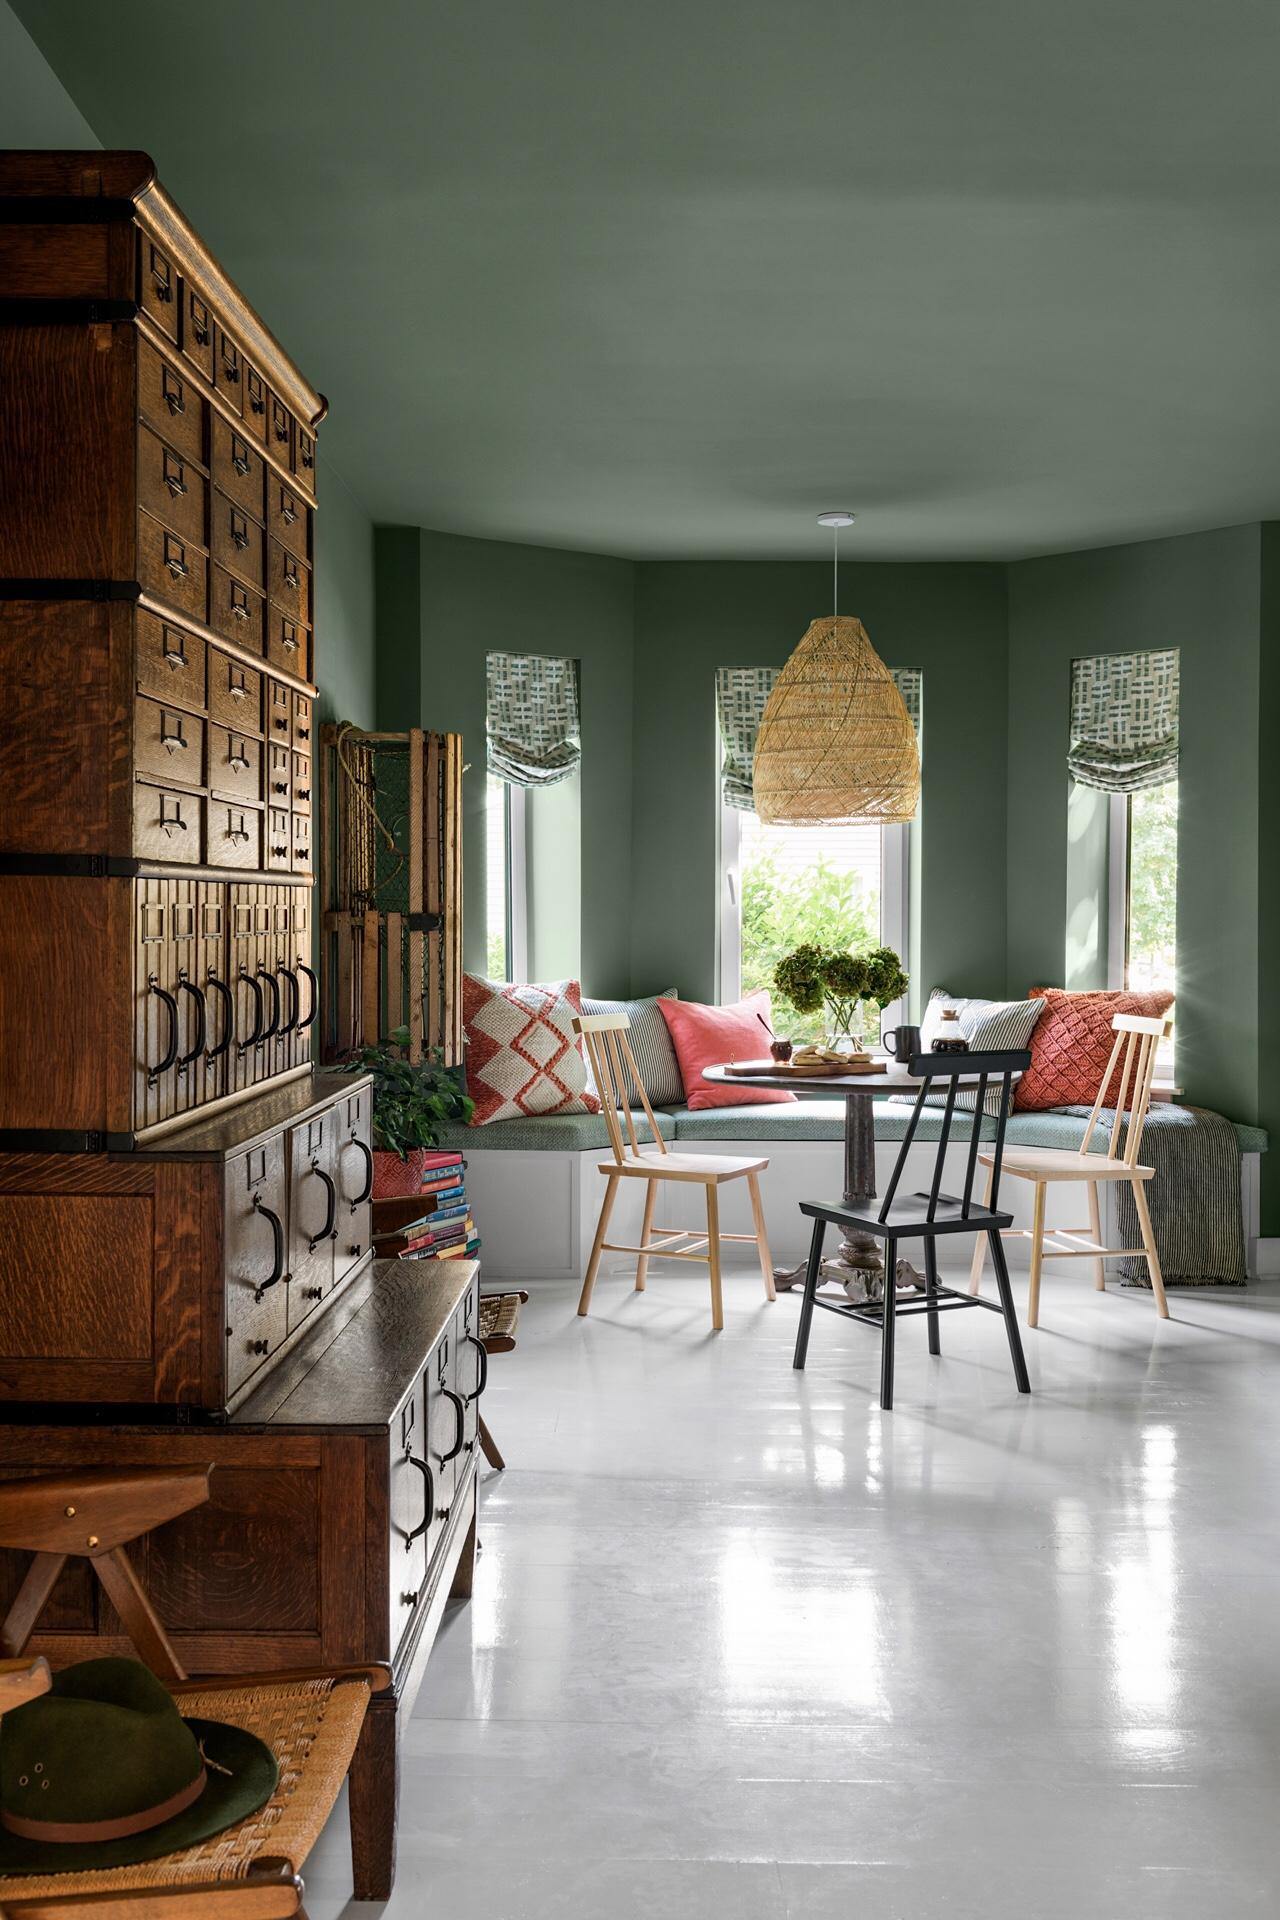 Căn nhà cấp 4 với nội thất dung dị nên thơ giữa khung cảnh xanh mát của vườn cây yên bình xung quanh - Ảnh 10.